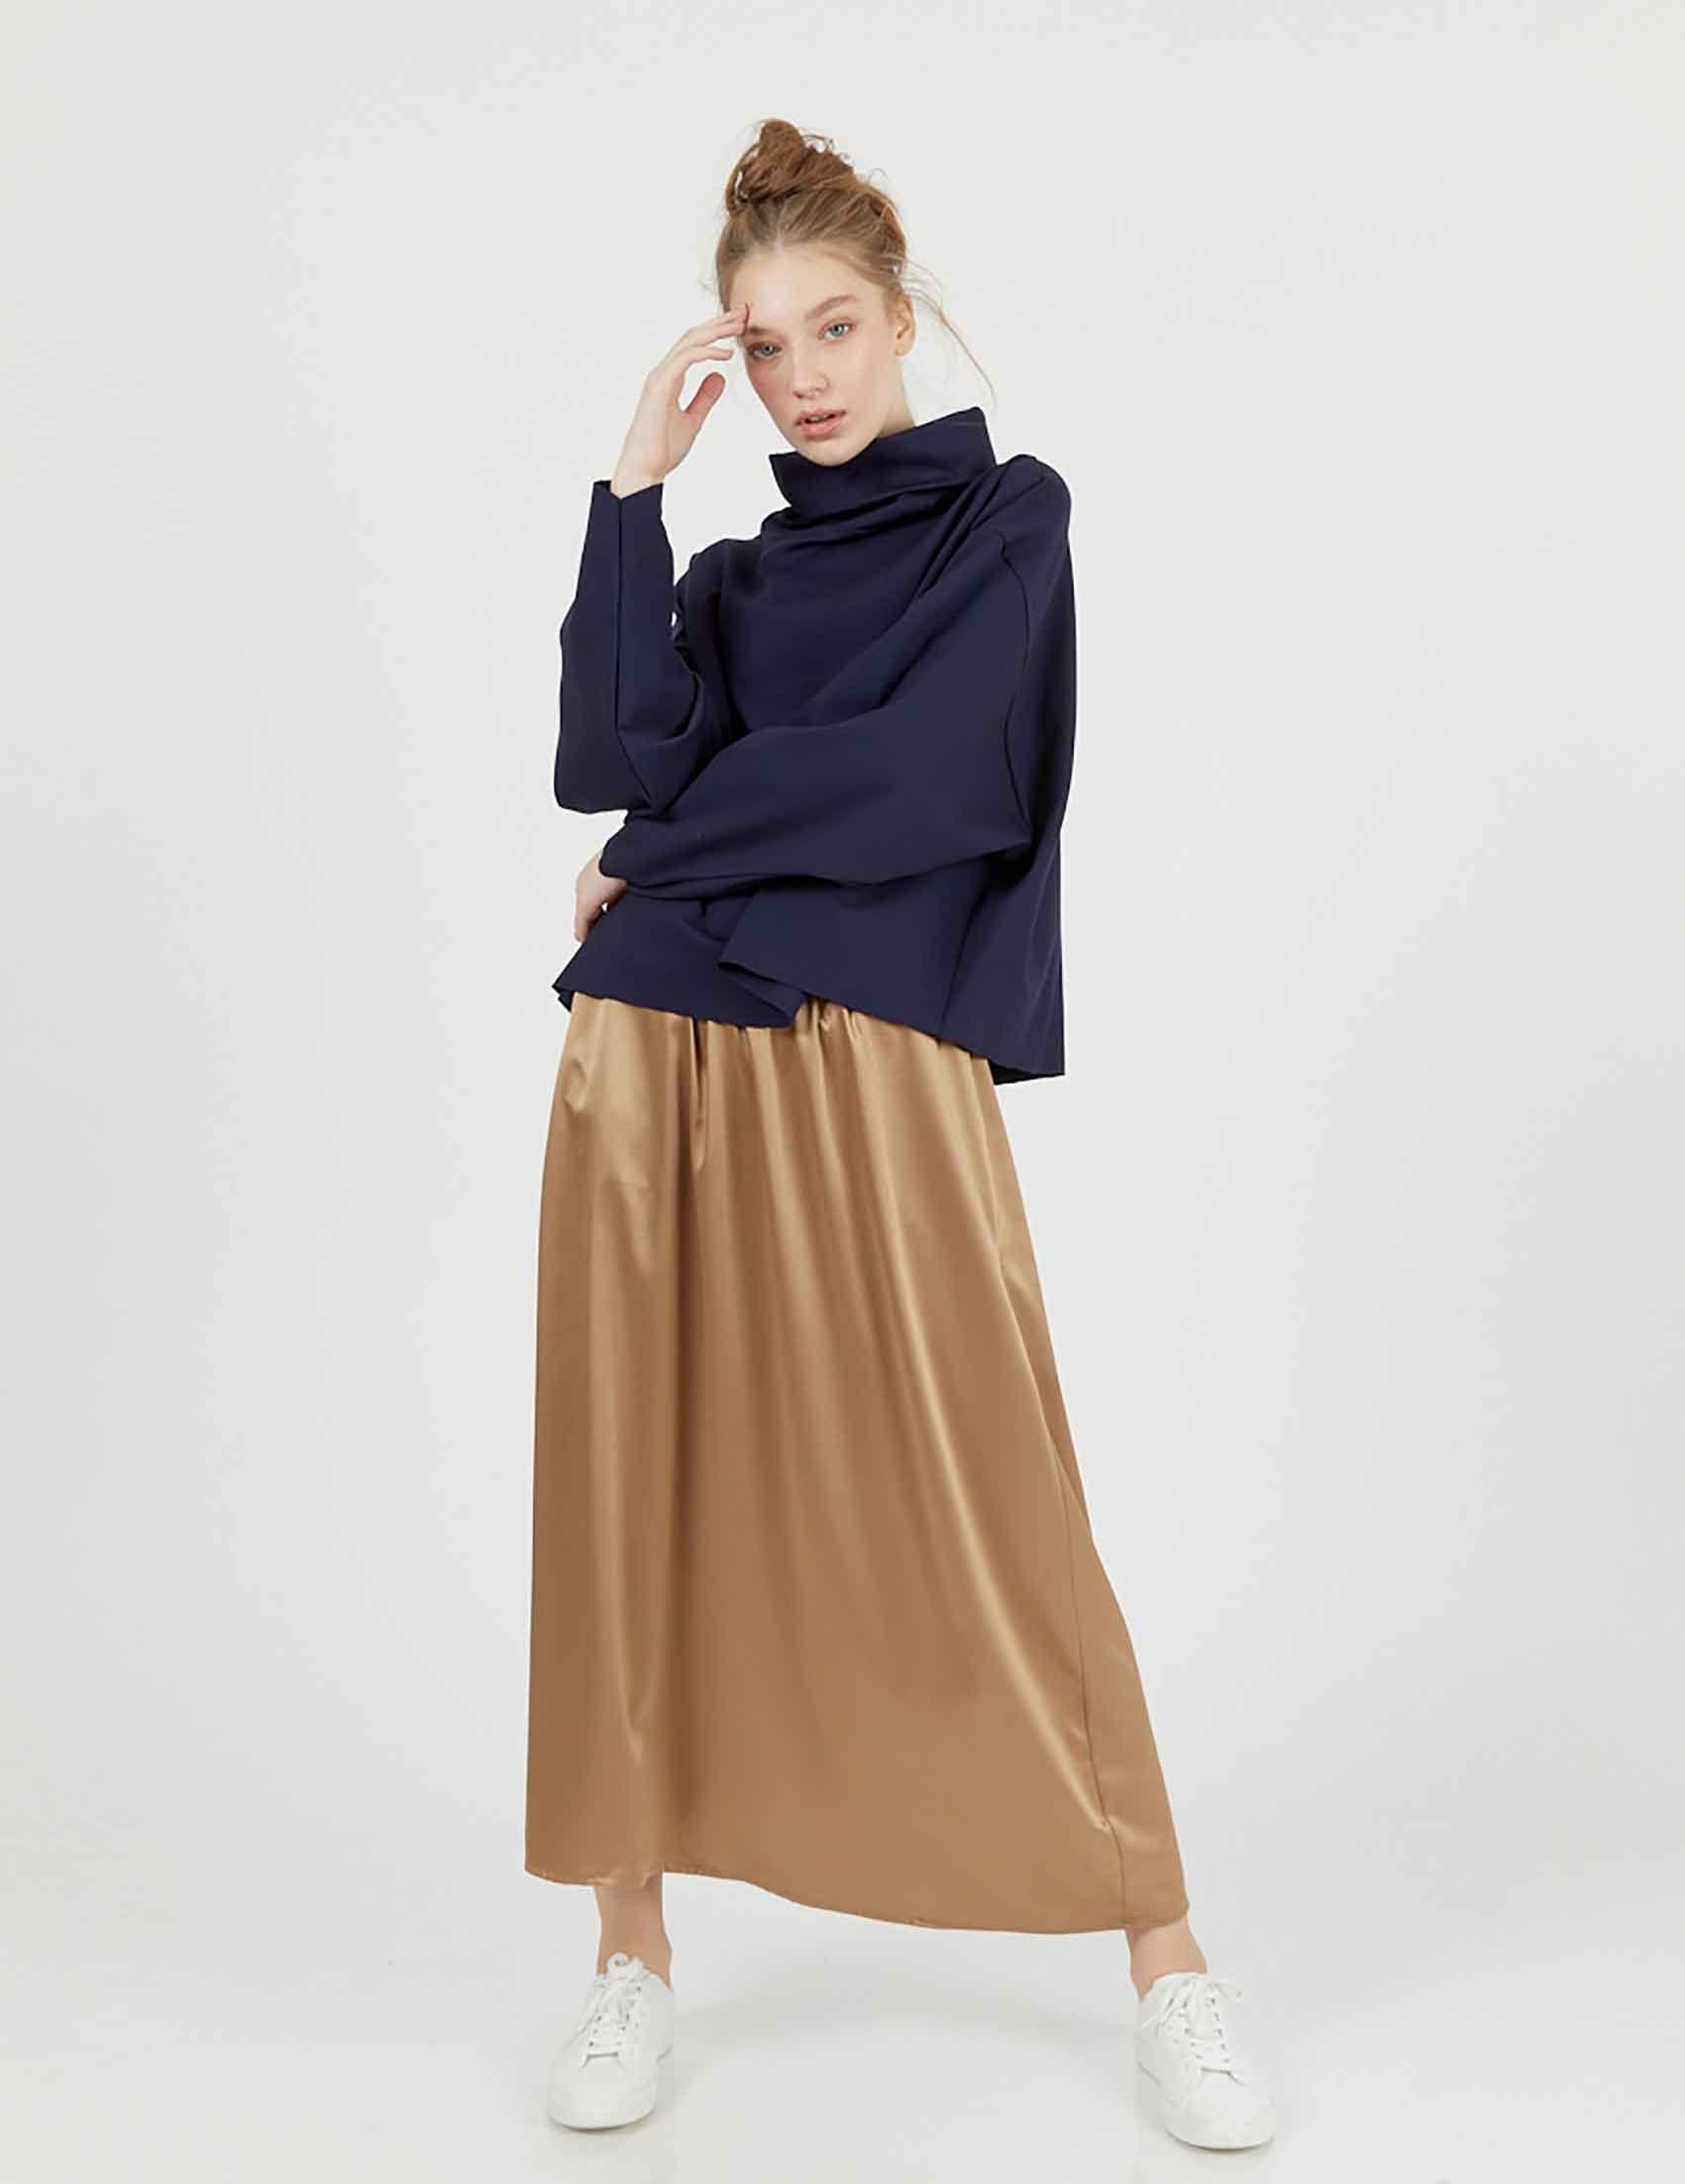 חצאית-מקסי-אוליבר-של-המותג-טוטון-עכשיו-ב290-שח-במקום-590-שח-צילום-לירון-ויסמן-Two-Tone